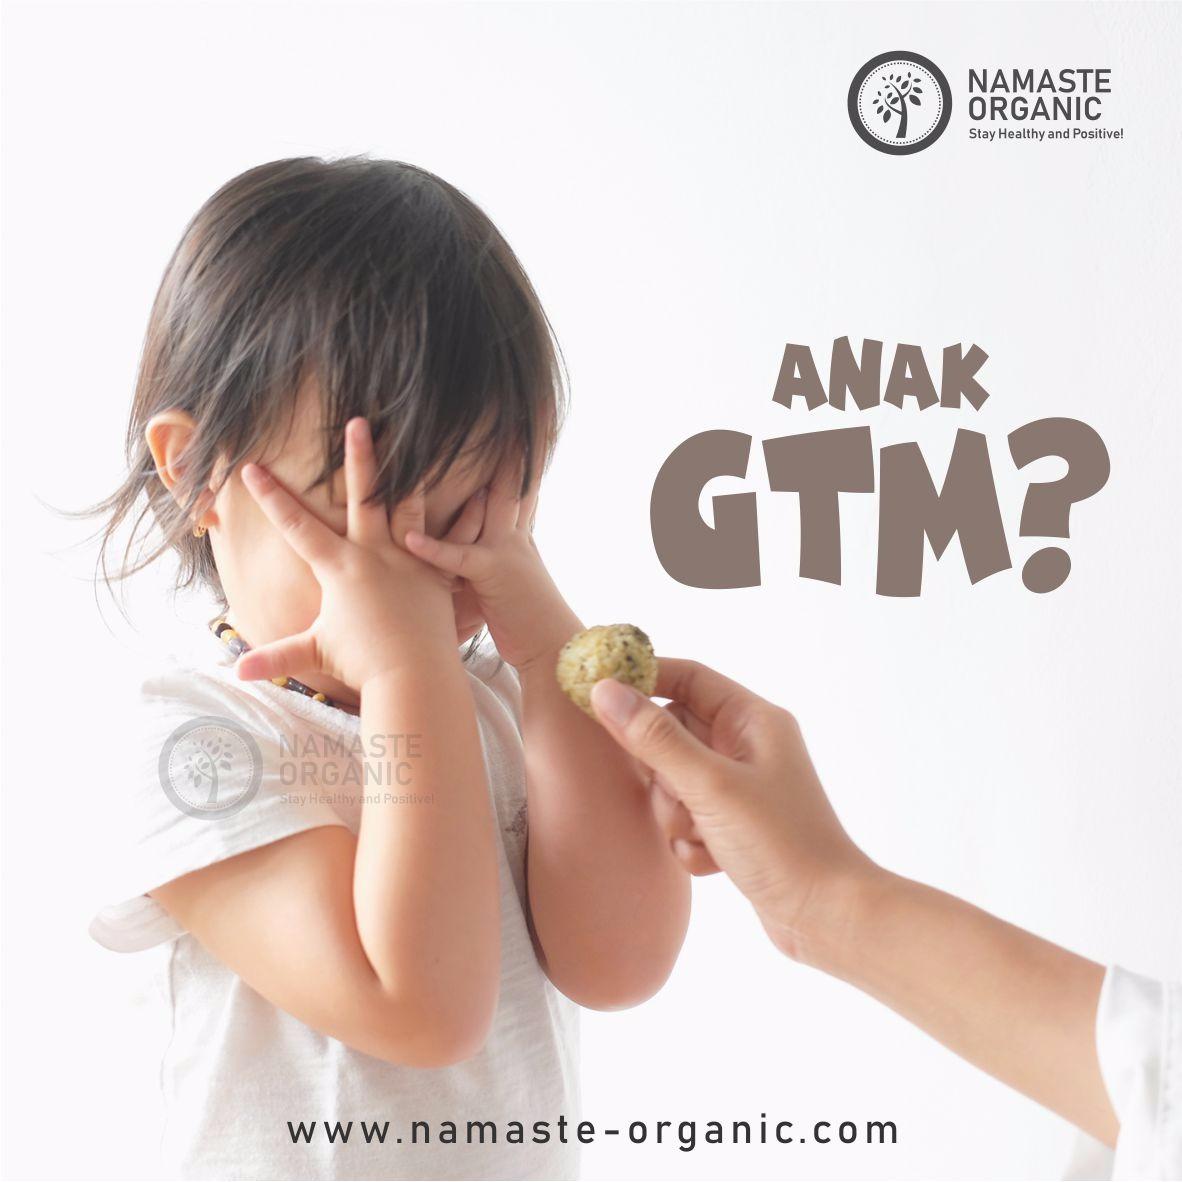 Anak GTM? image